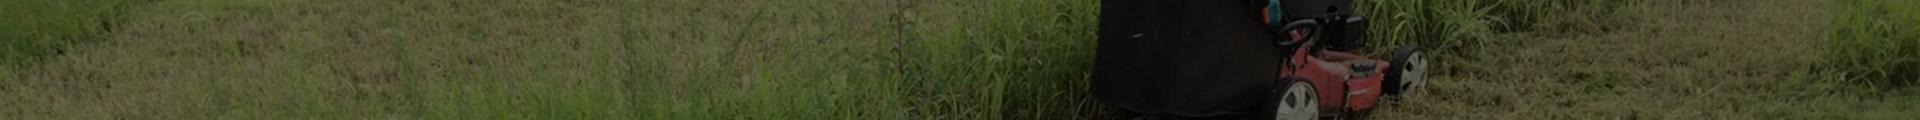 草刈り救急隊